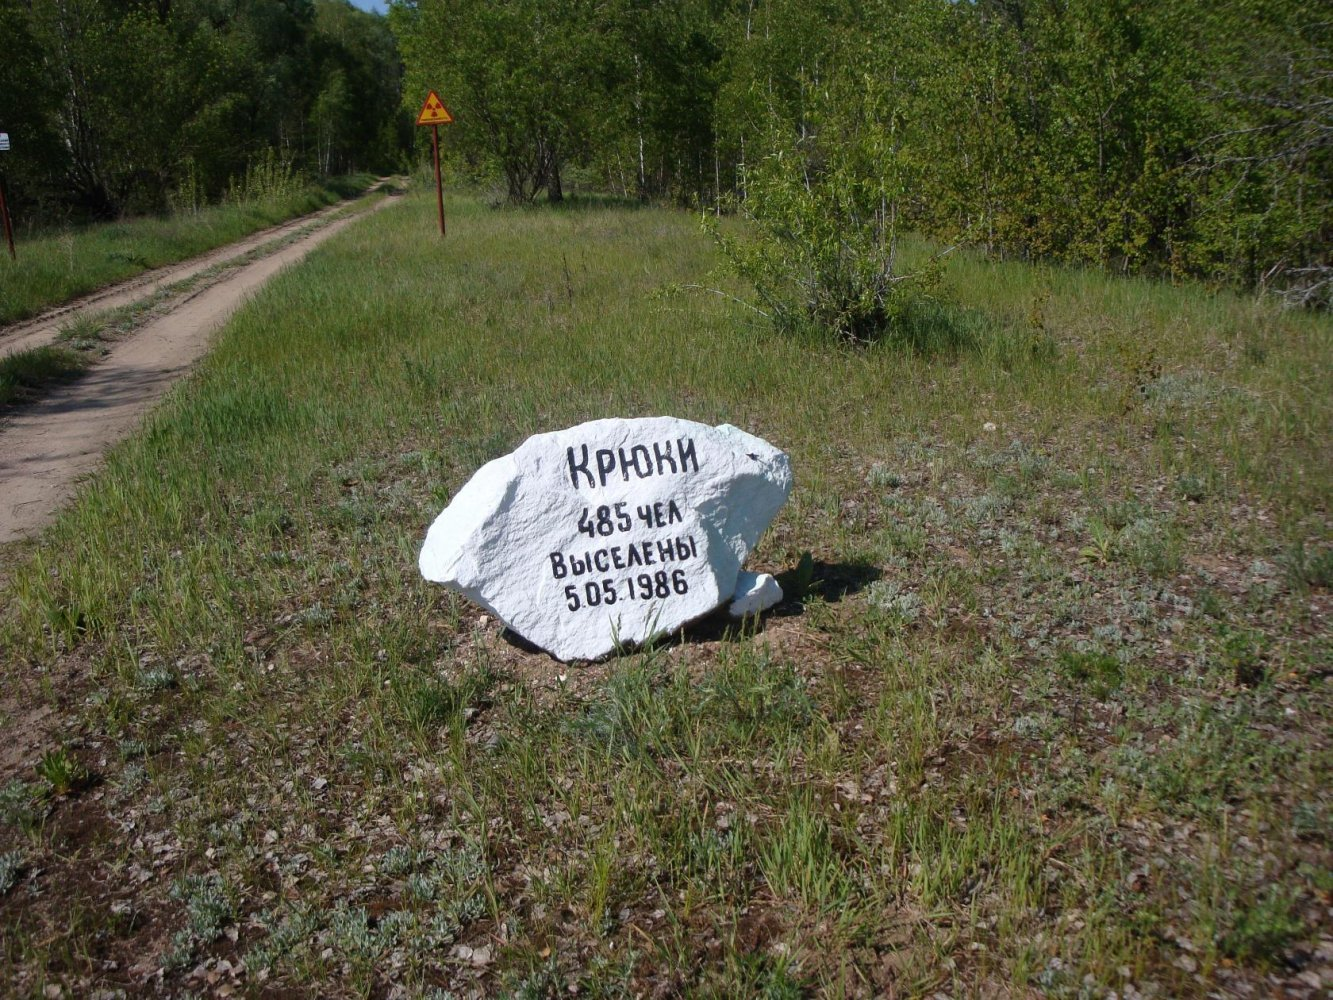 Фото image ооооррр.jpg. Украина, Київська область, Unnamed Road